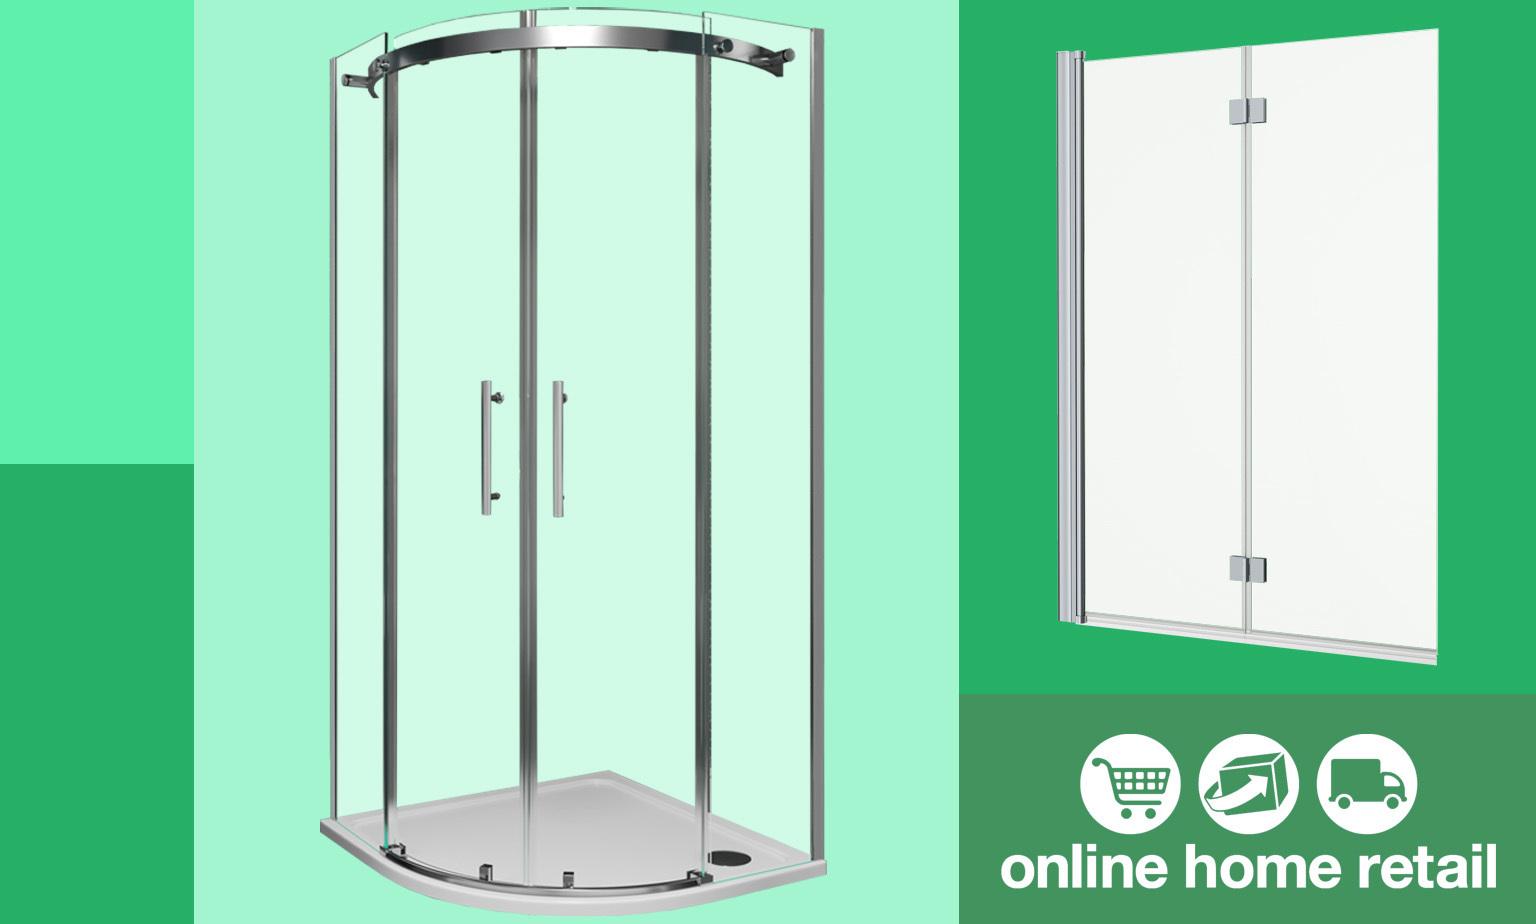 HUGE SALE on Shower Enclosures-Limited Time!